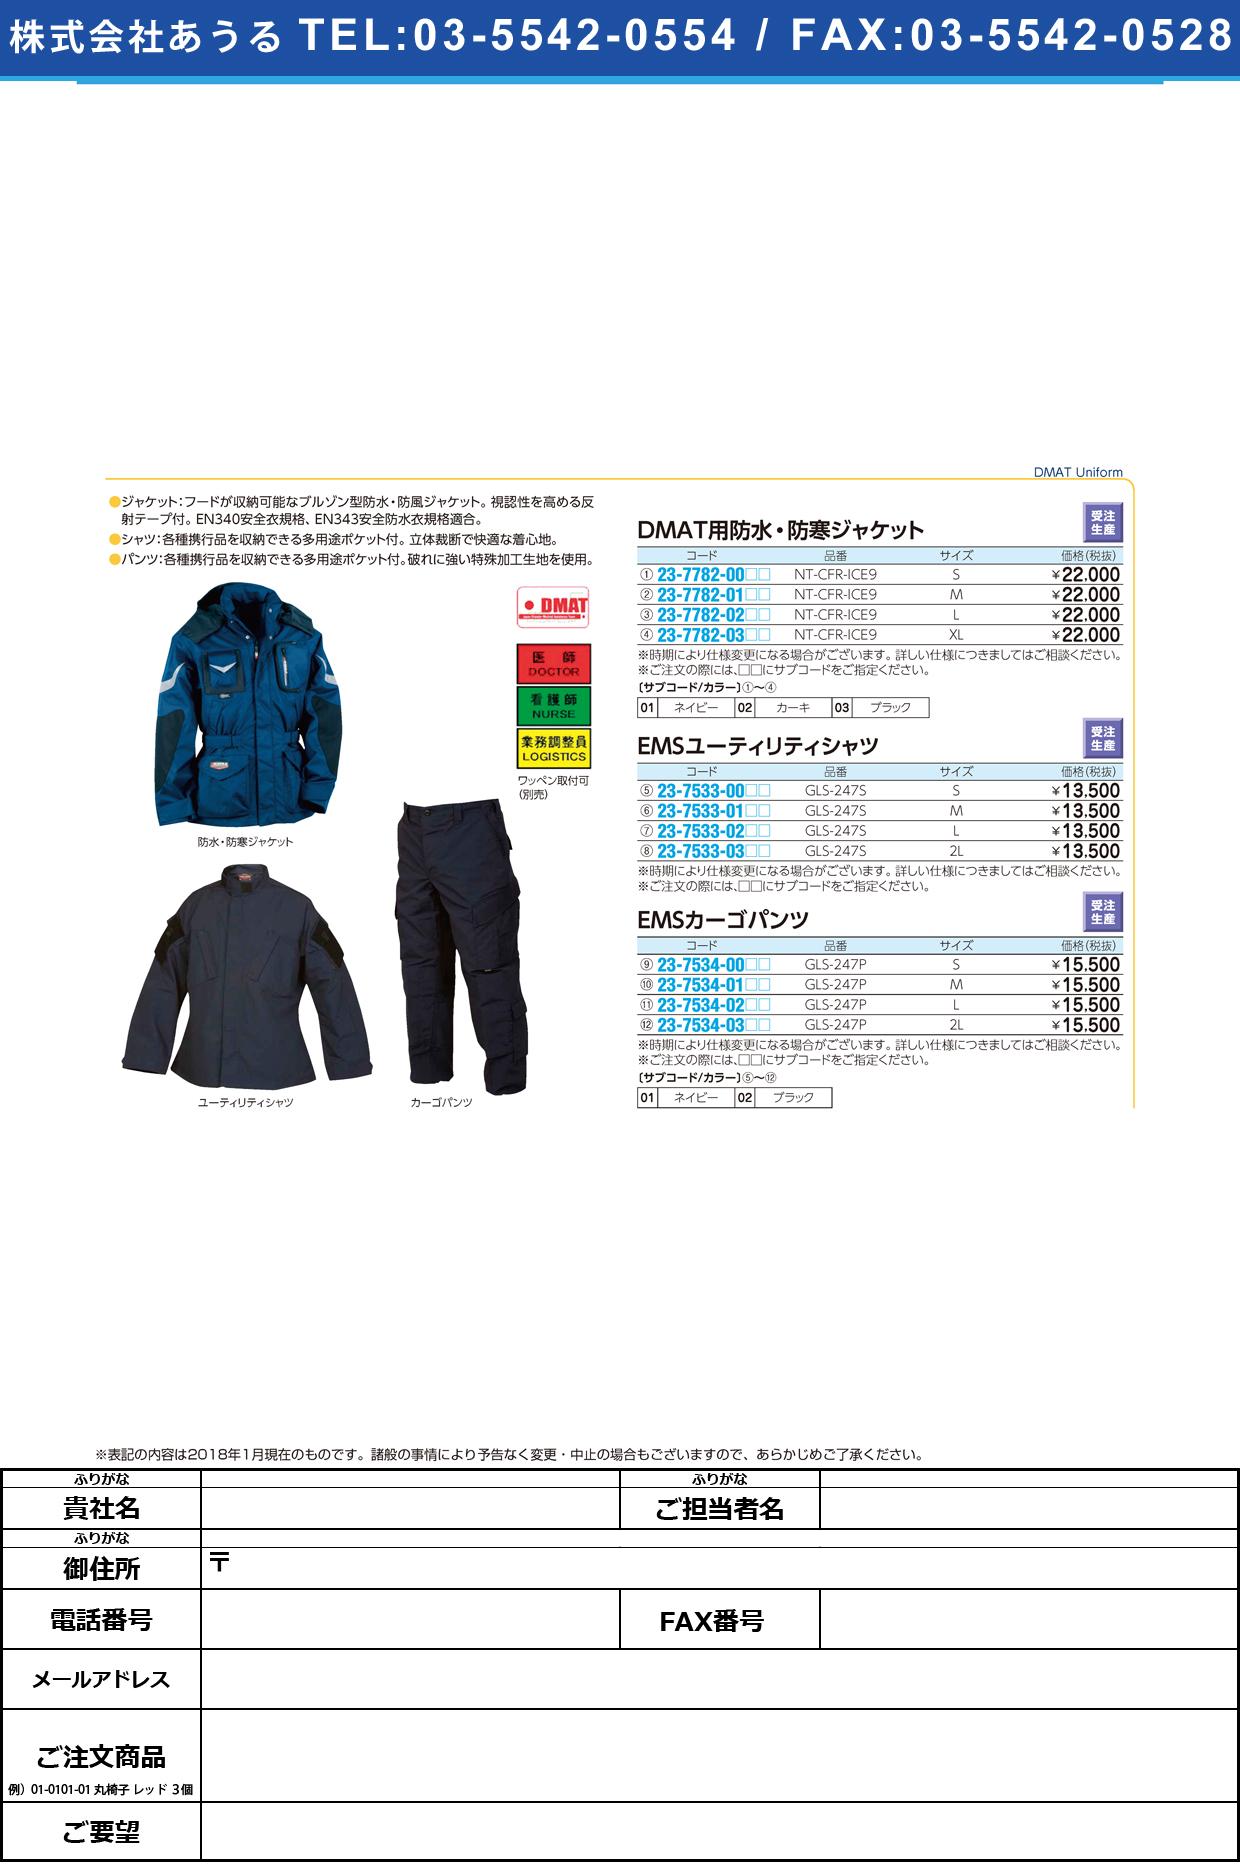 (23-7782-03)DMAT用防水・防寒ジャケット NT-CFR-ICE9(XL) DMATボウスイボウカンジャケット ネイビー【1枚単位】【2018年カタログ商品】